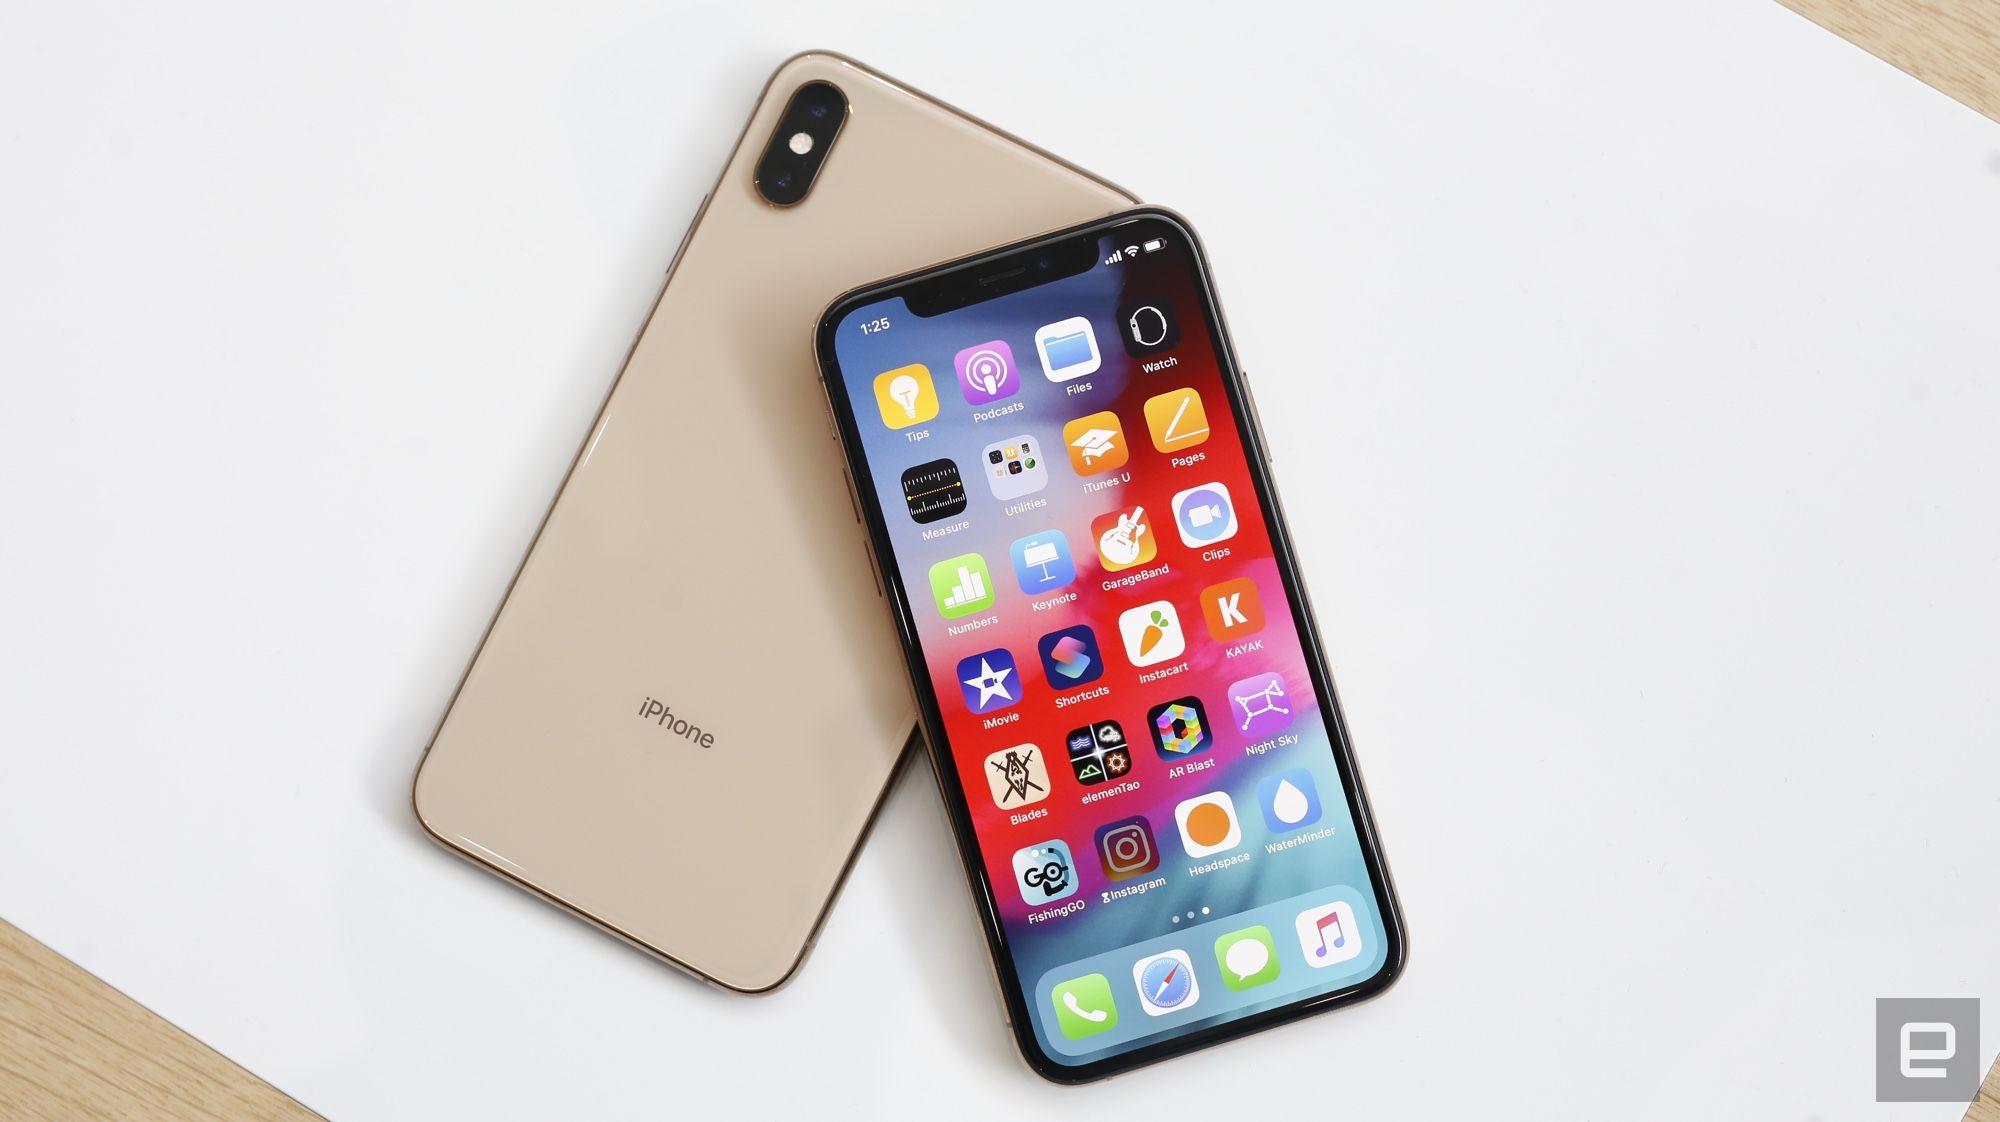 ソフトバンクがiphone xs xs max価格発表 最上位は20万円に迫る